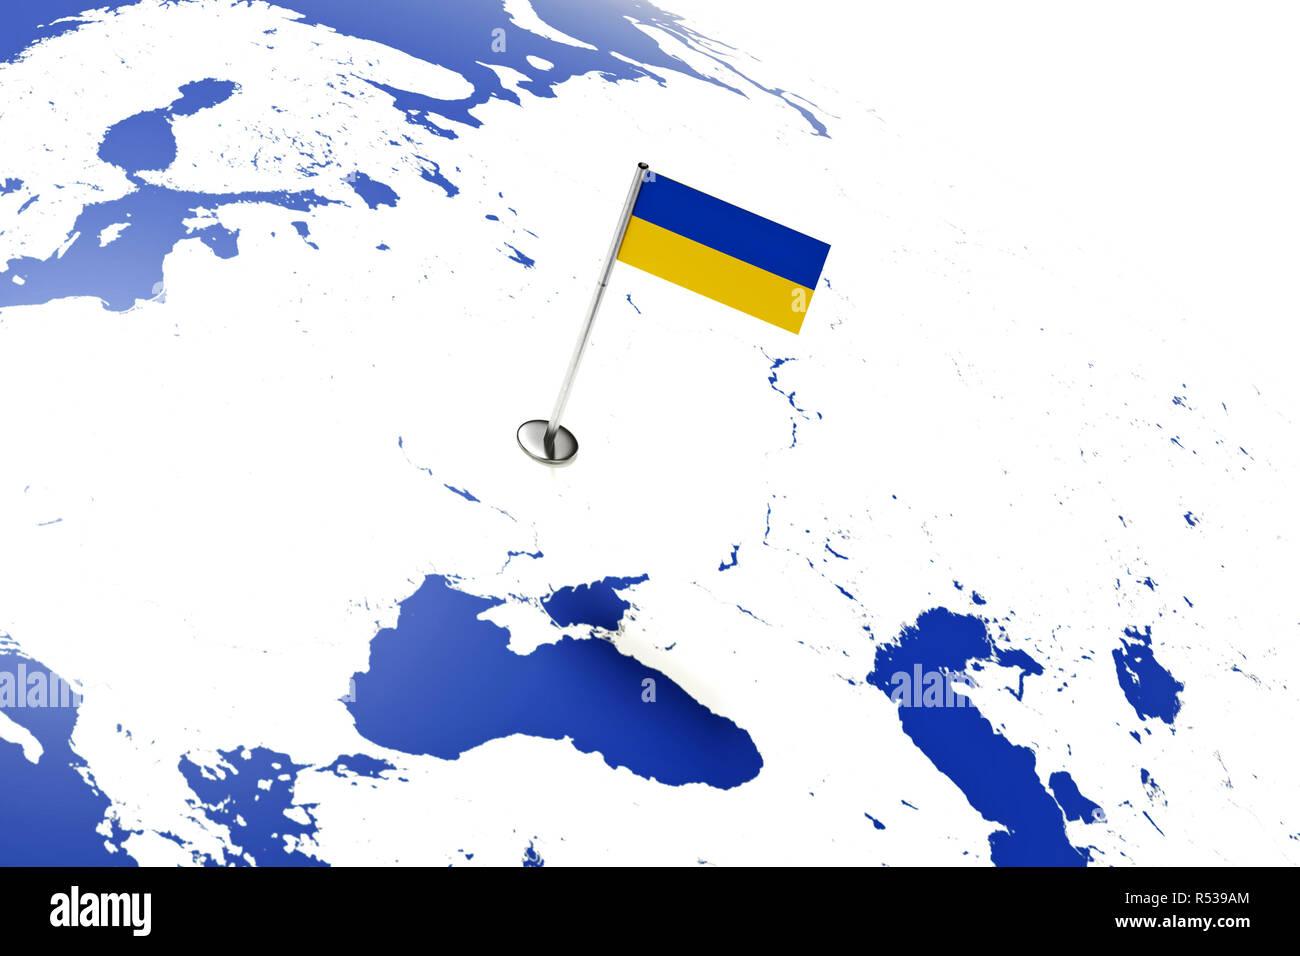 Ukraine Carte Du Monde.Drapeau De L Ukraine Drapeau Du Pays Avec Mat De Chrome Sur